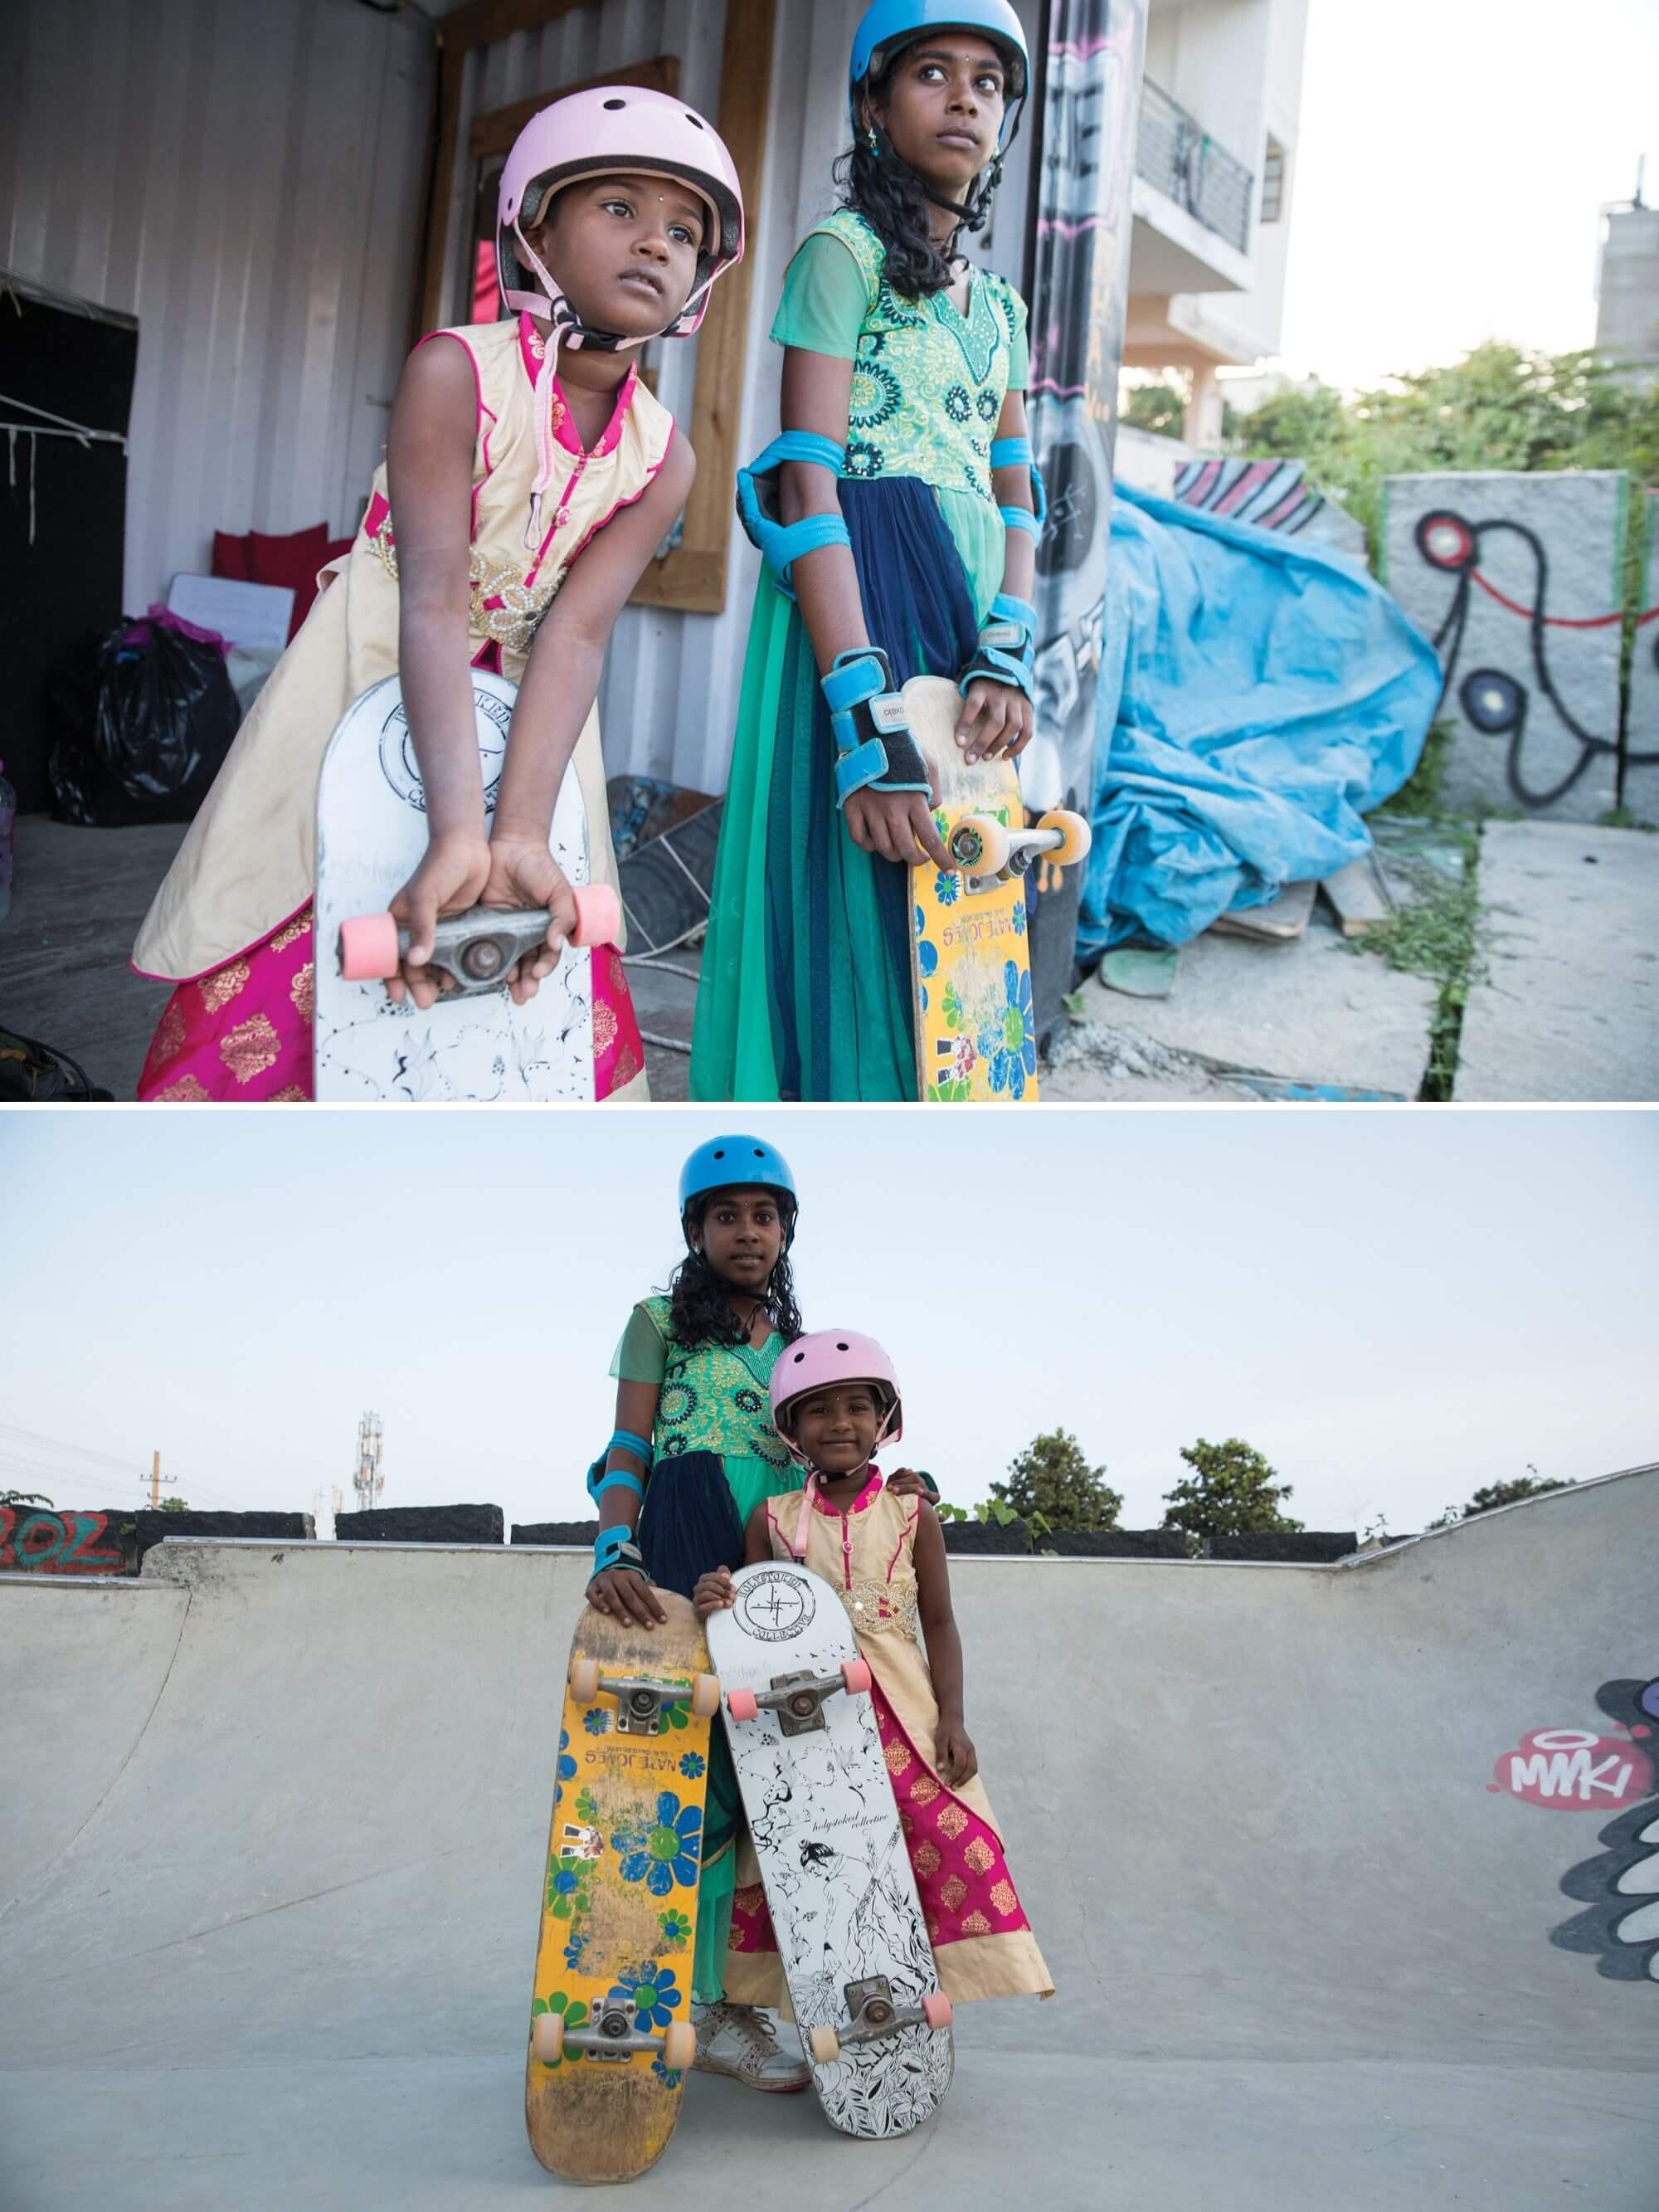 skater girls in India